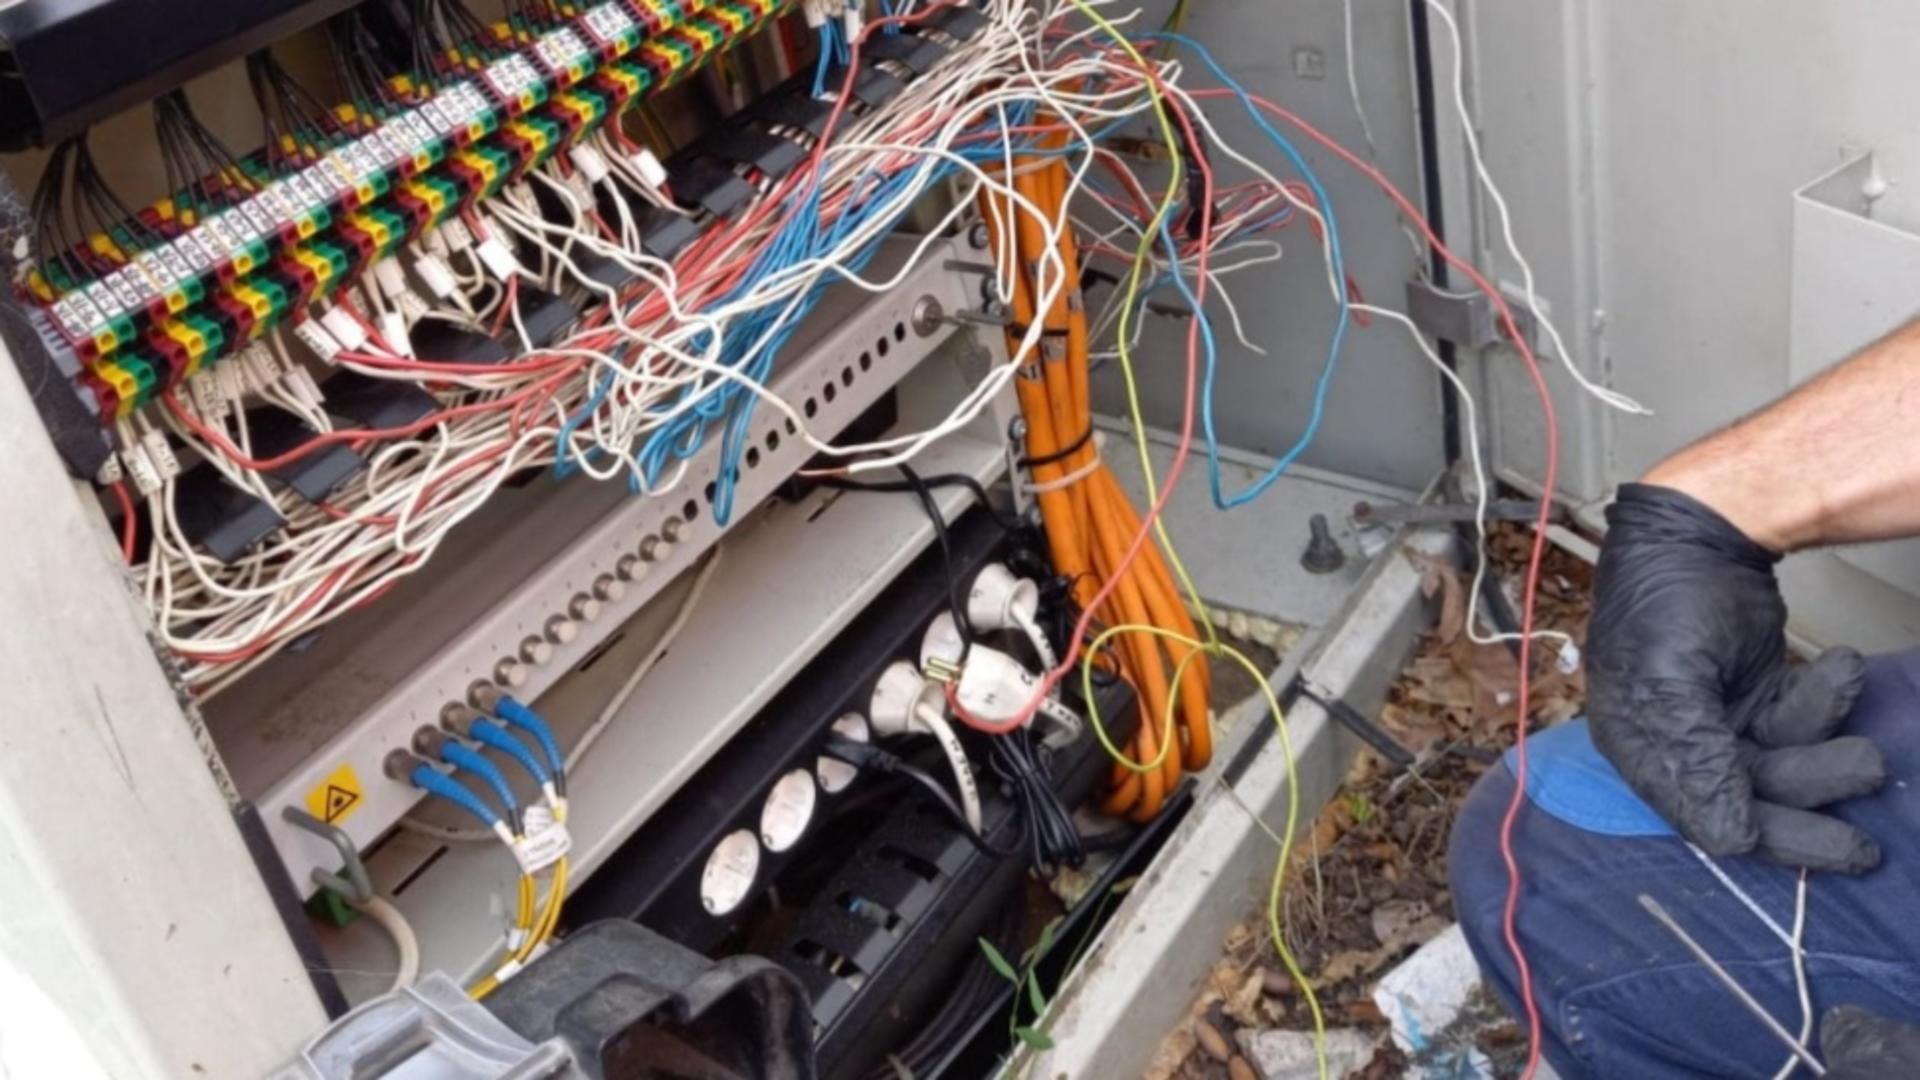 Cablu electric ros de sobolani (sursă FB/CMMTB)